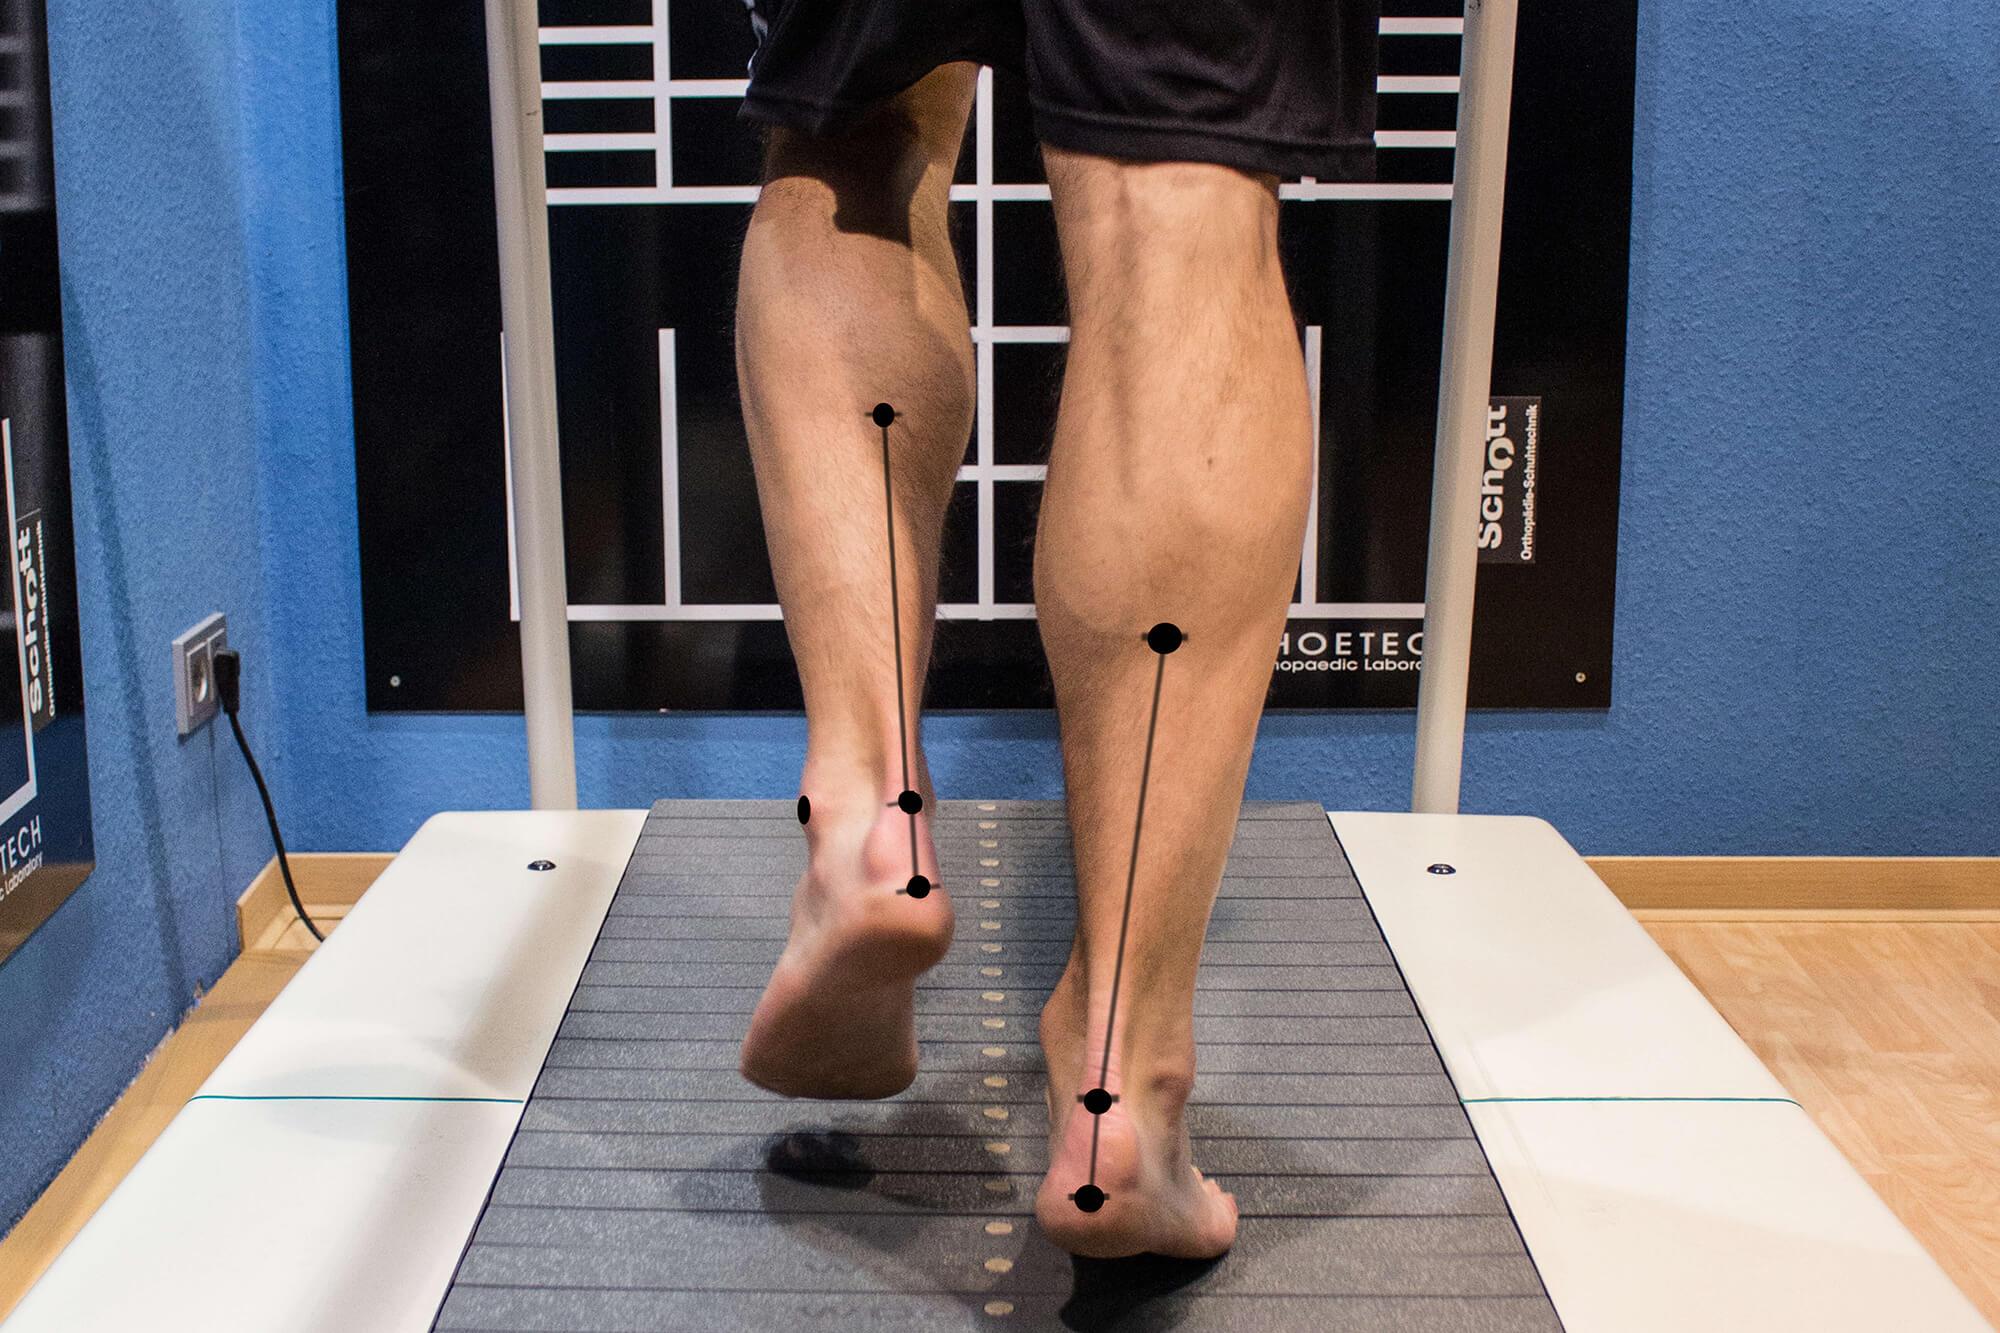 Laufanalysen-Ansicht der Beinachsen